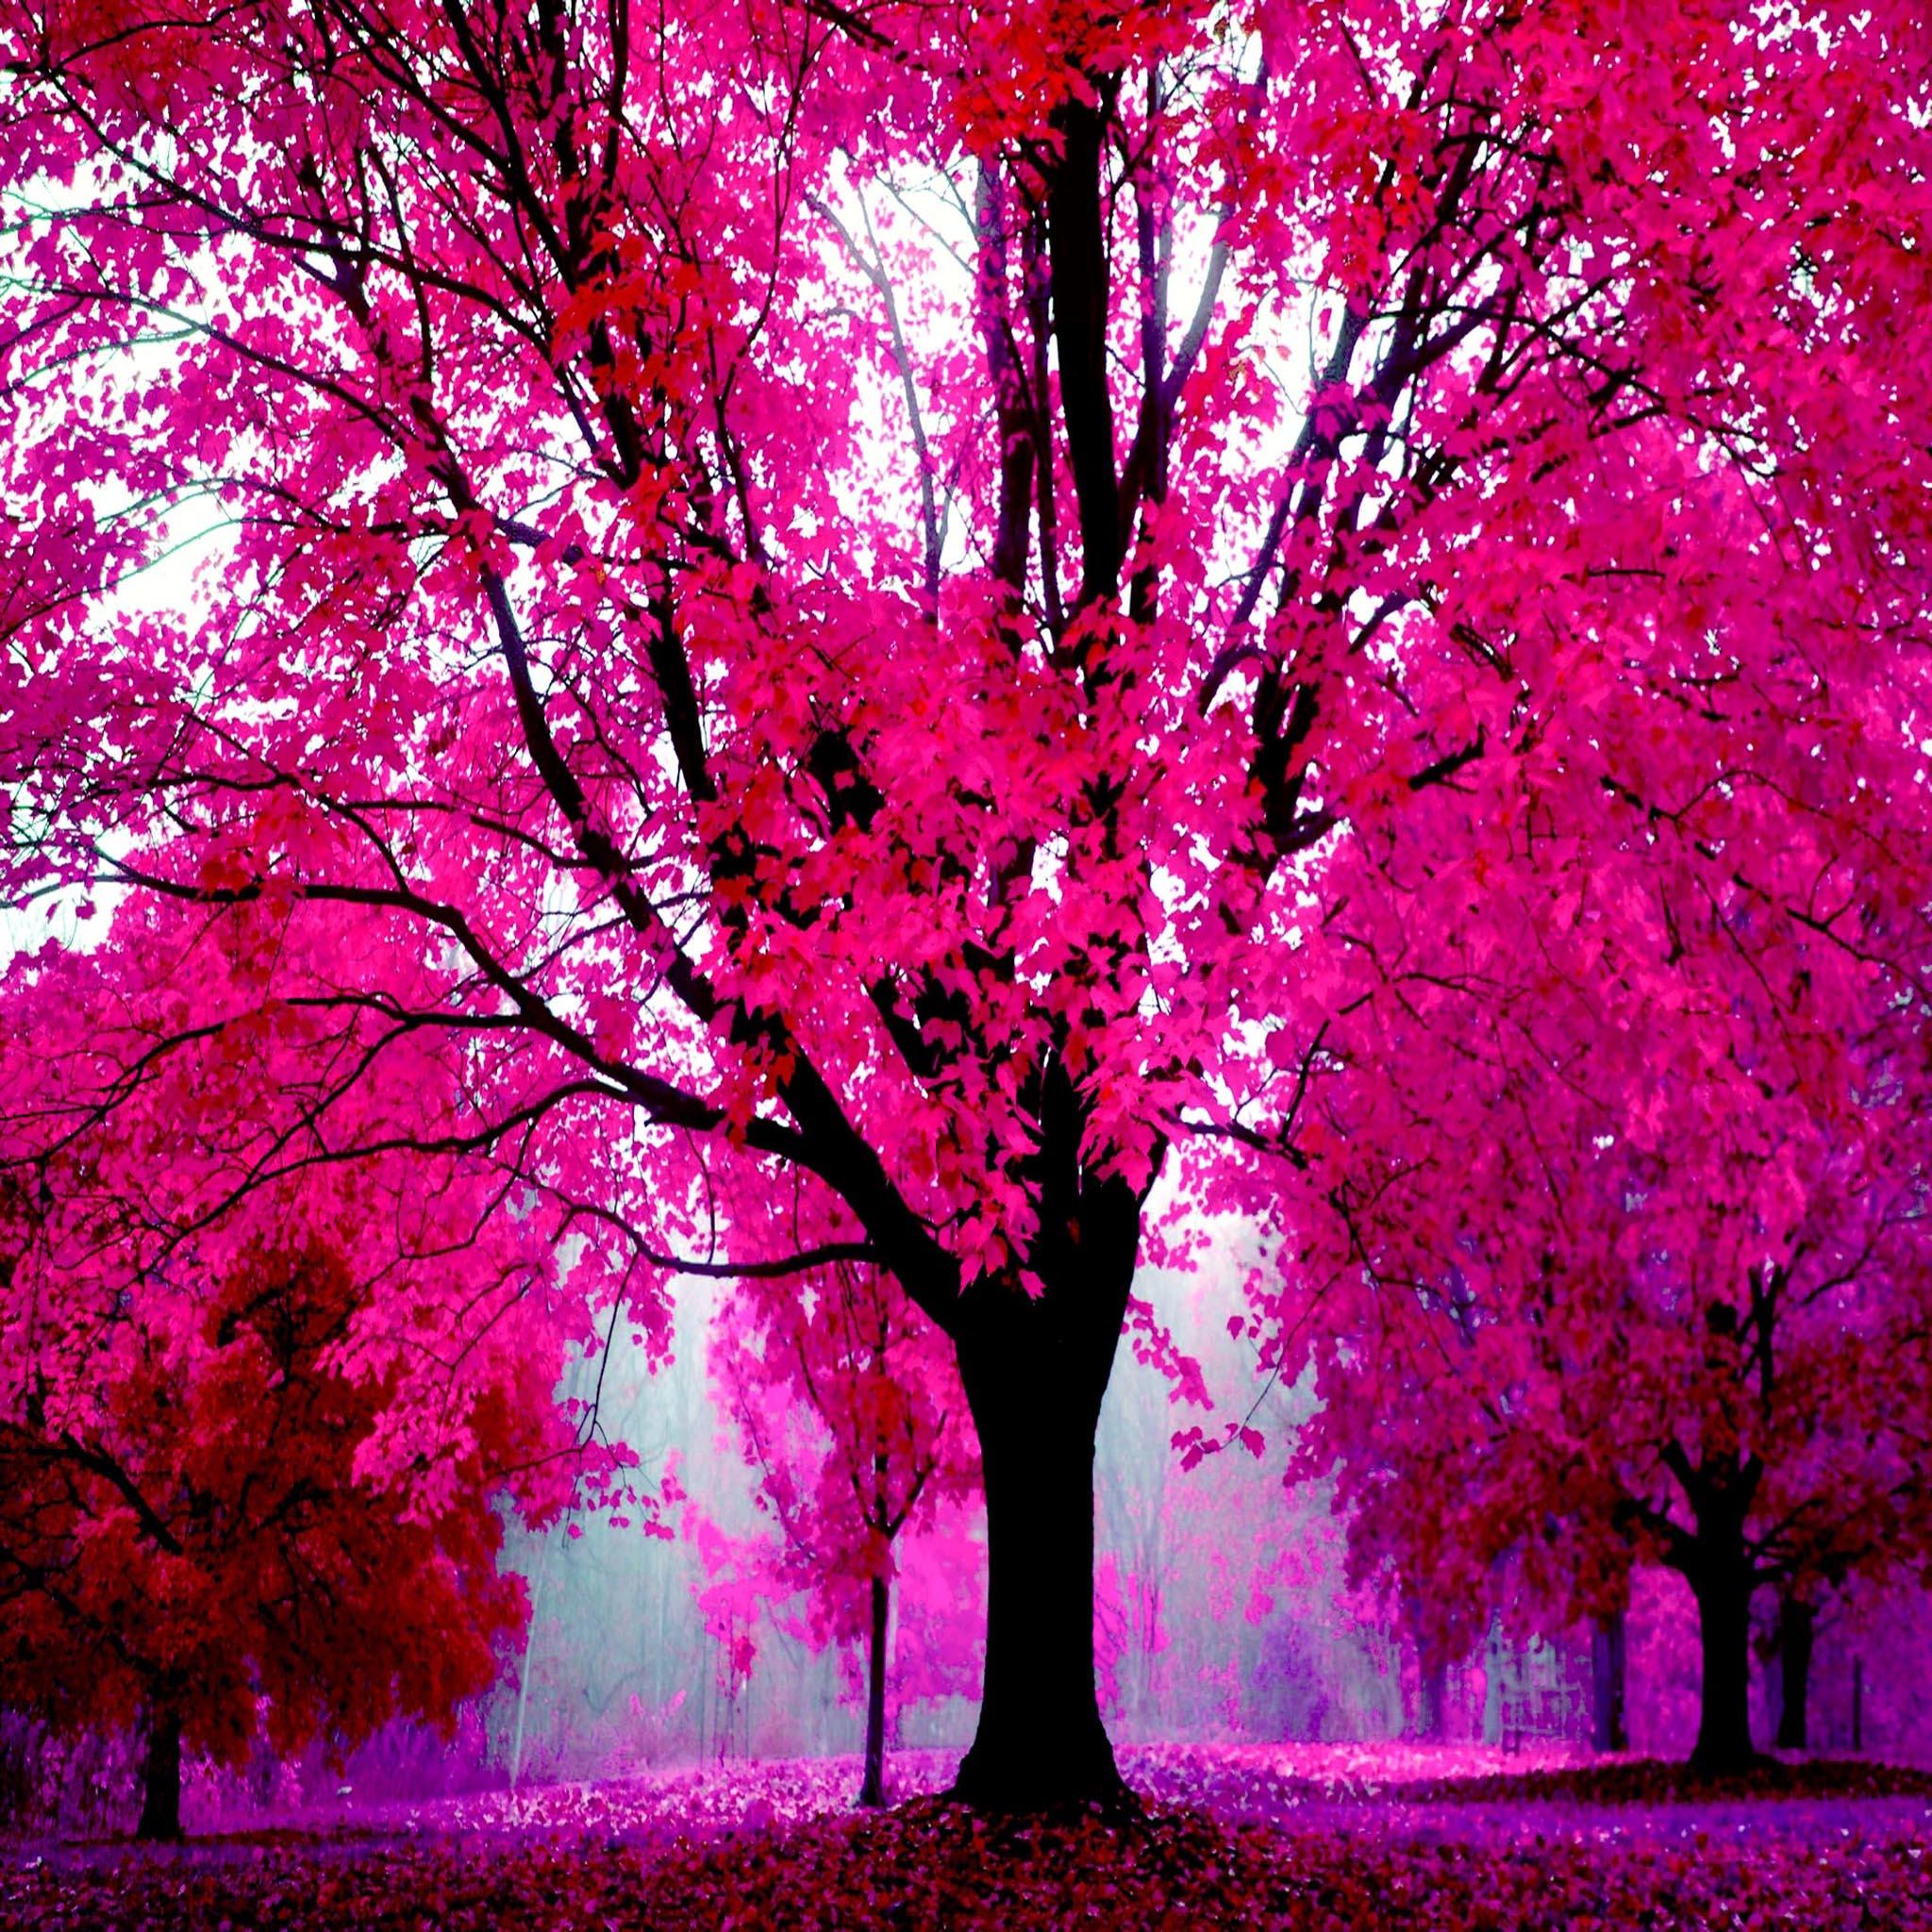 Iphone Pretty Wallpaper Fond D 233 Cran Ipad Automne Rose 2048x2048 Gratuit